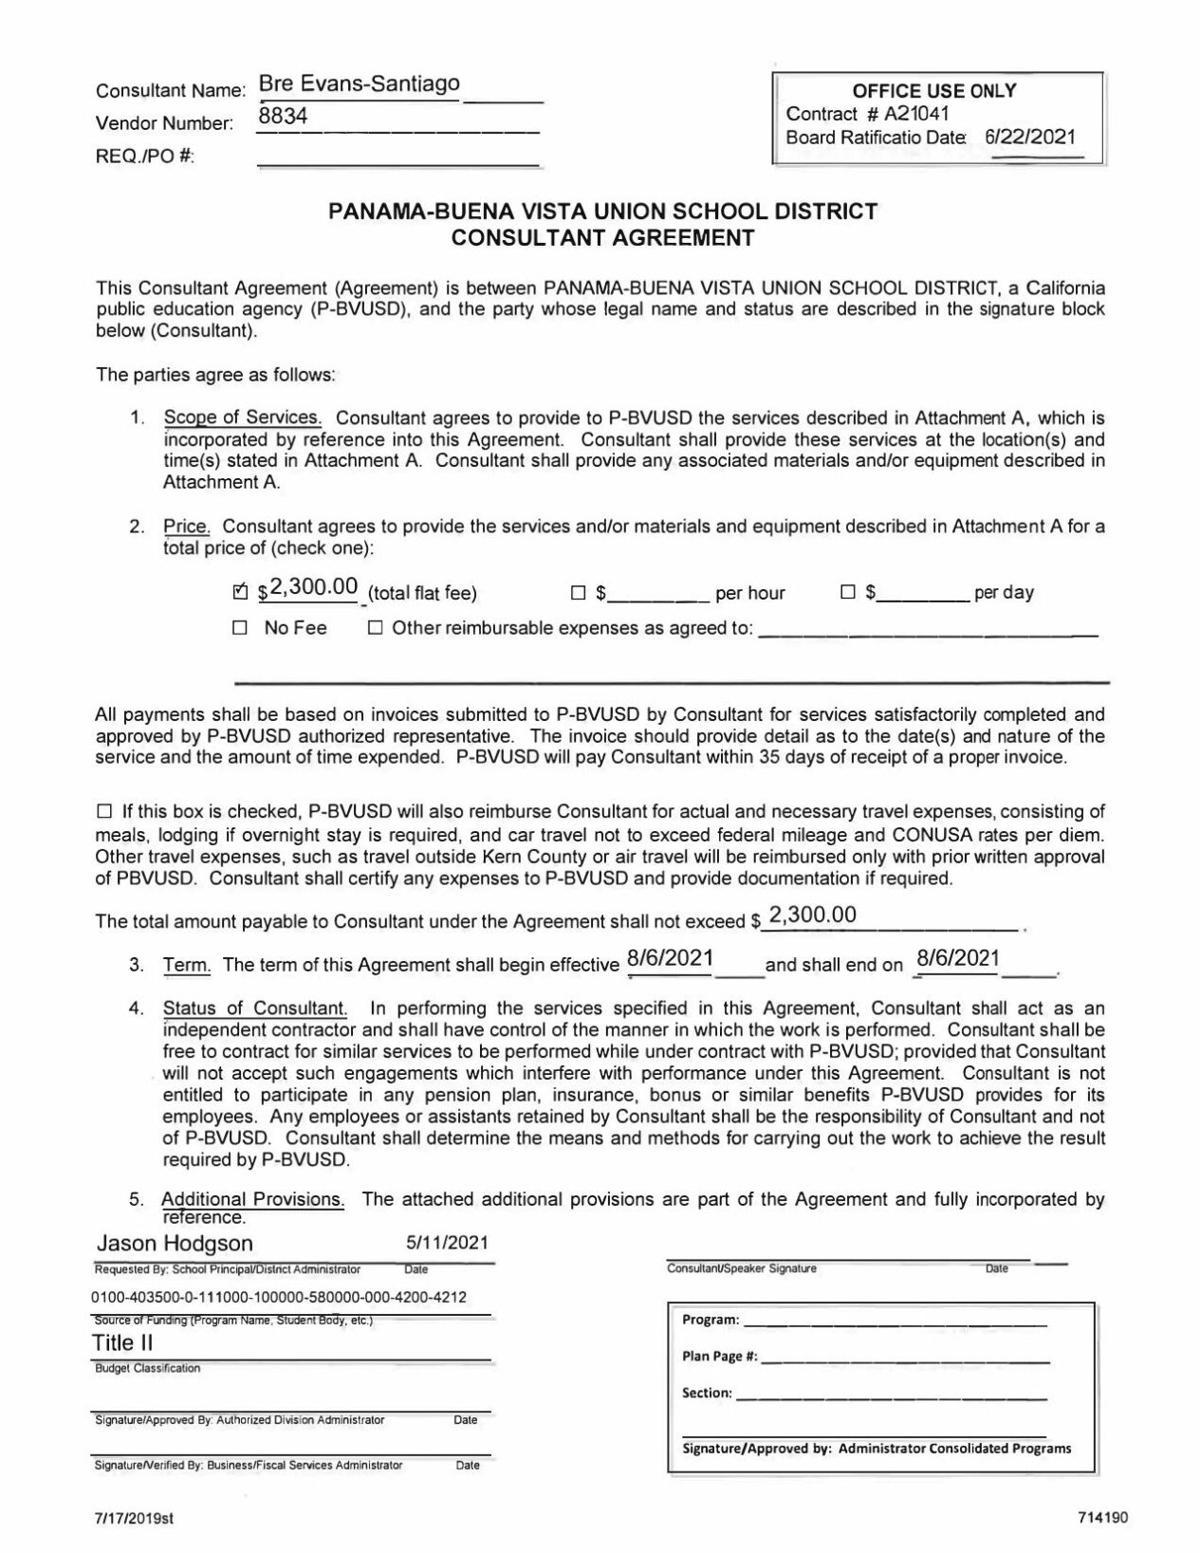 PBVUSD consultant agreement with Bre Evans-Santiago